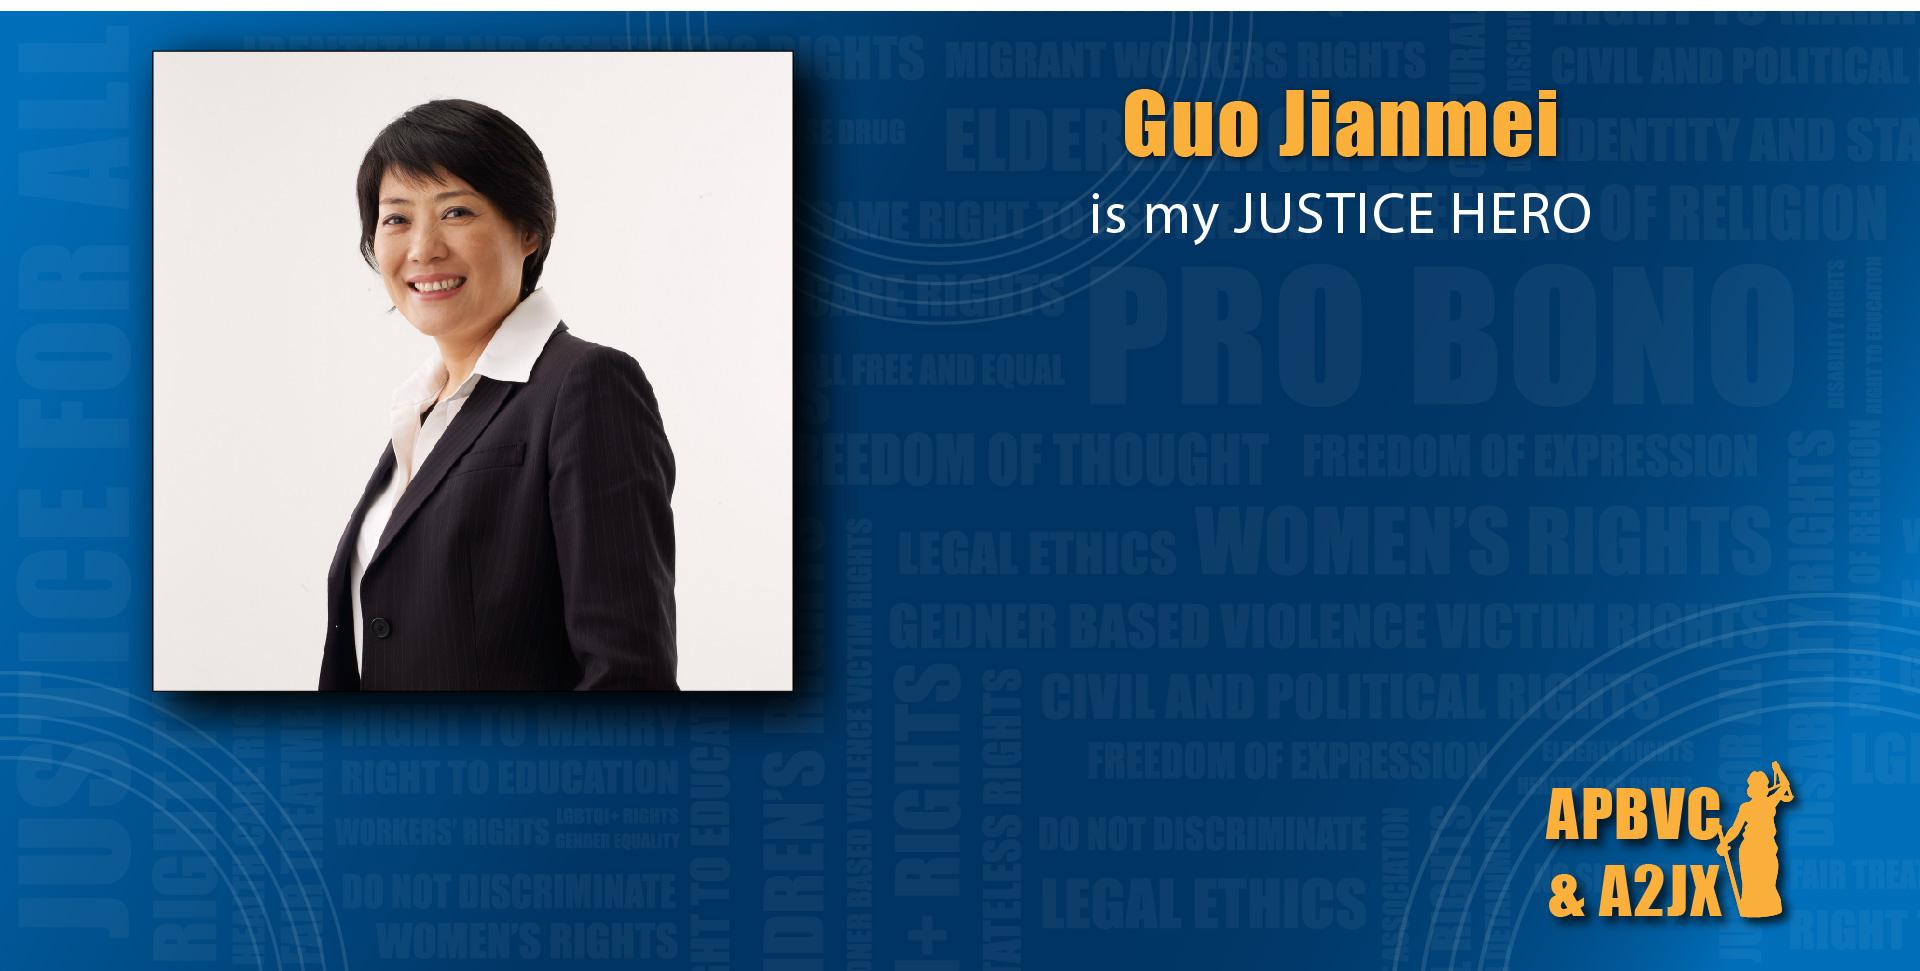 Guo Jianmei